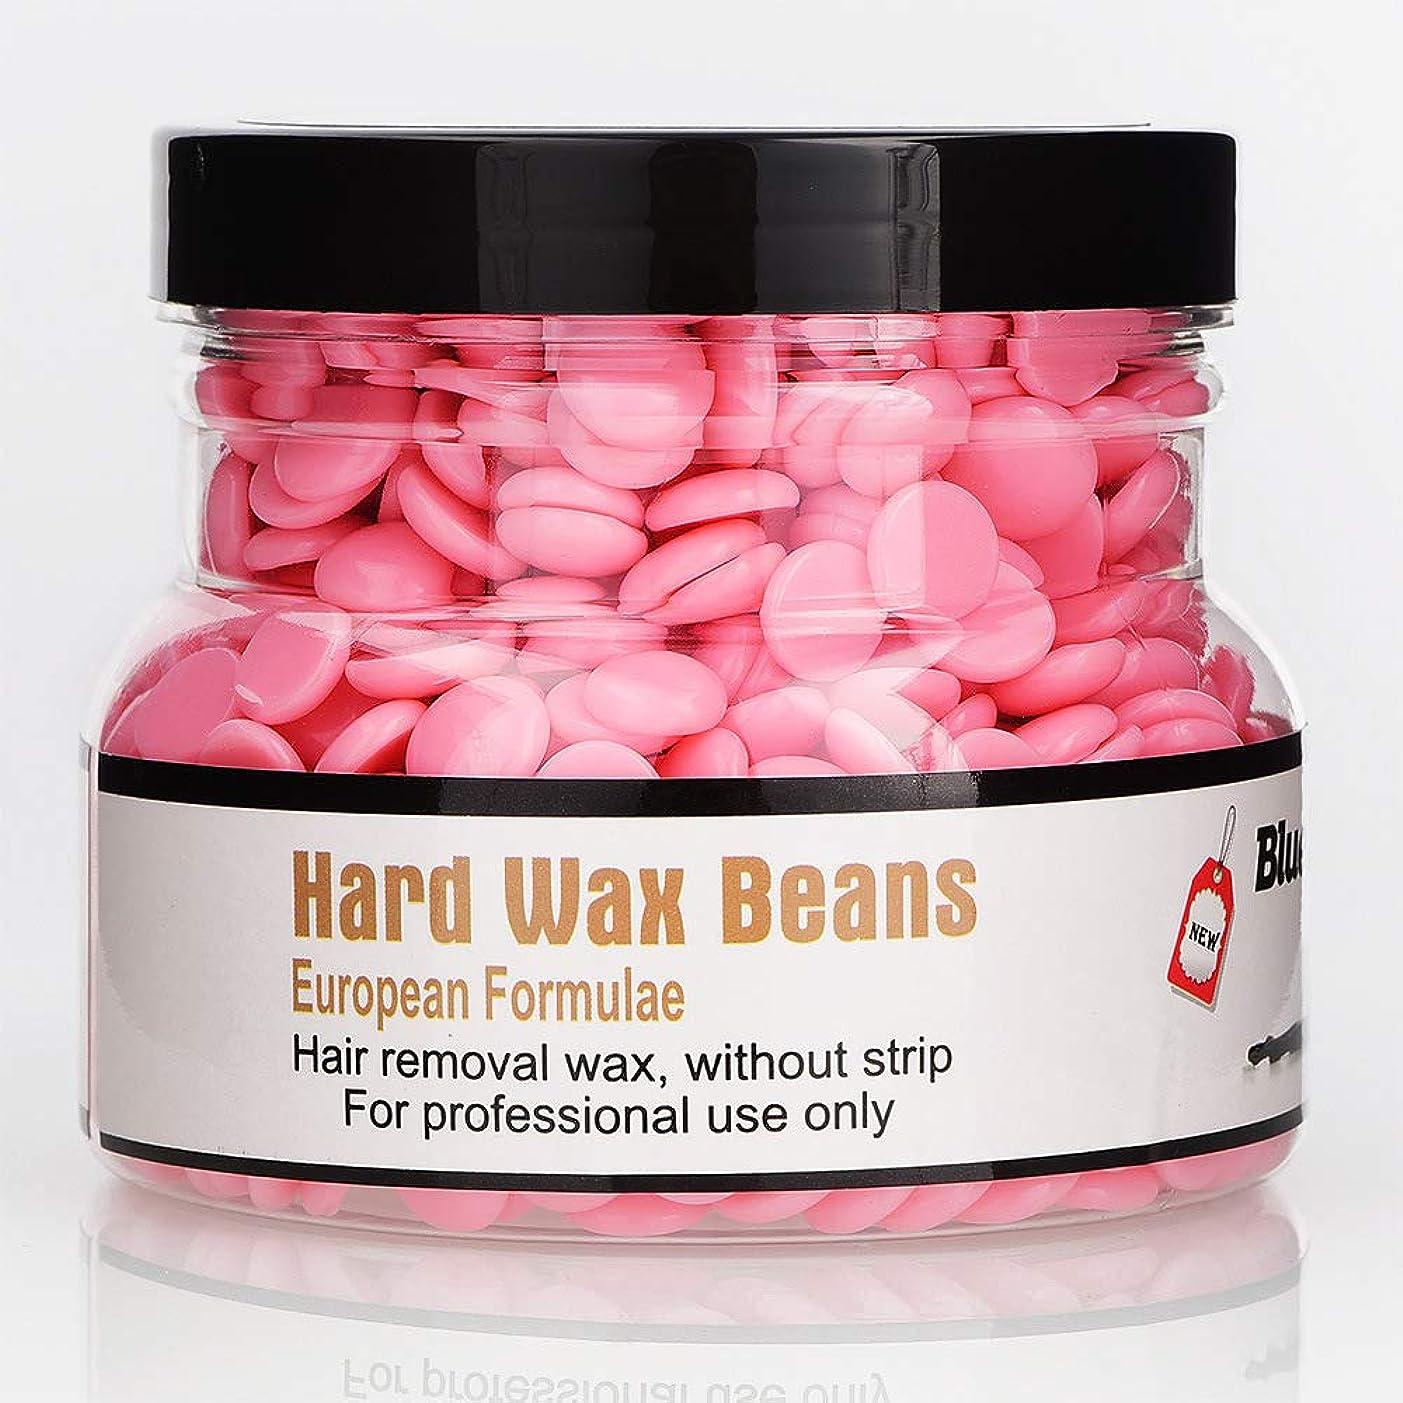 規模歯操作Rabugoo 250g美容脱毛ハードワックス豆フェイス脇の下のアーム脚のための安全な恒久的な脱毛剤 rose